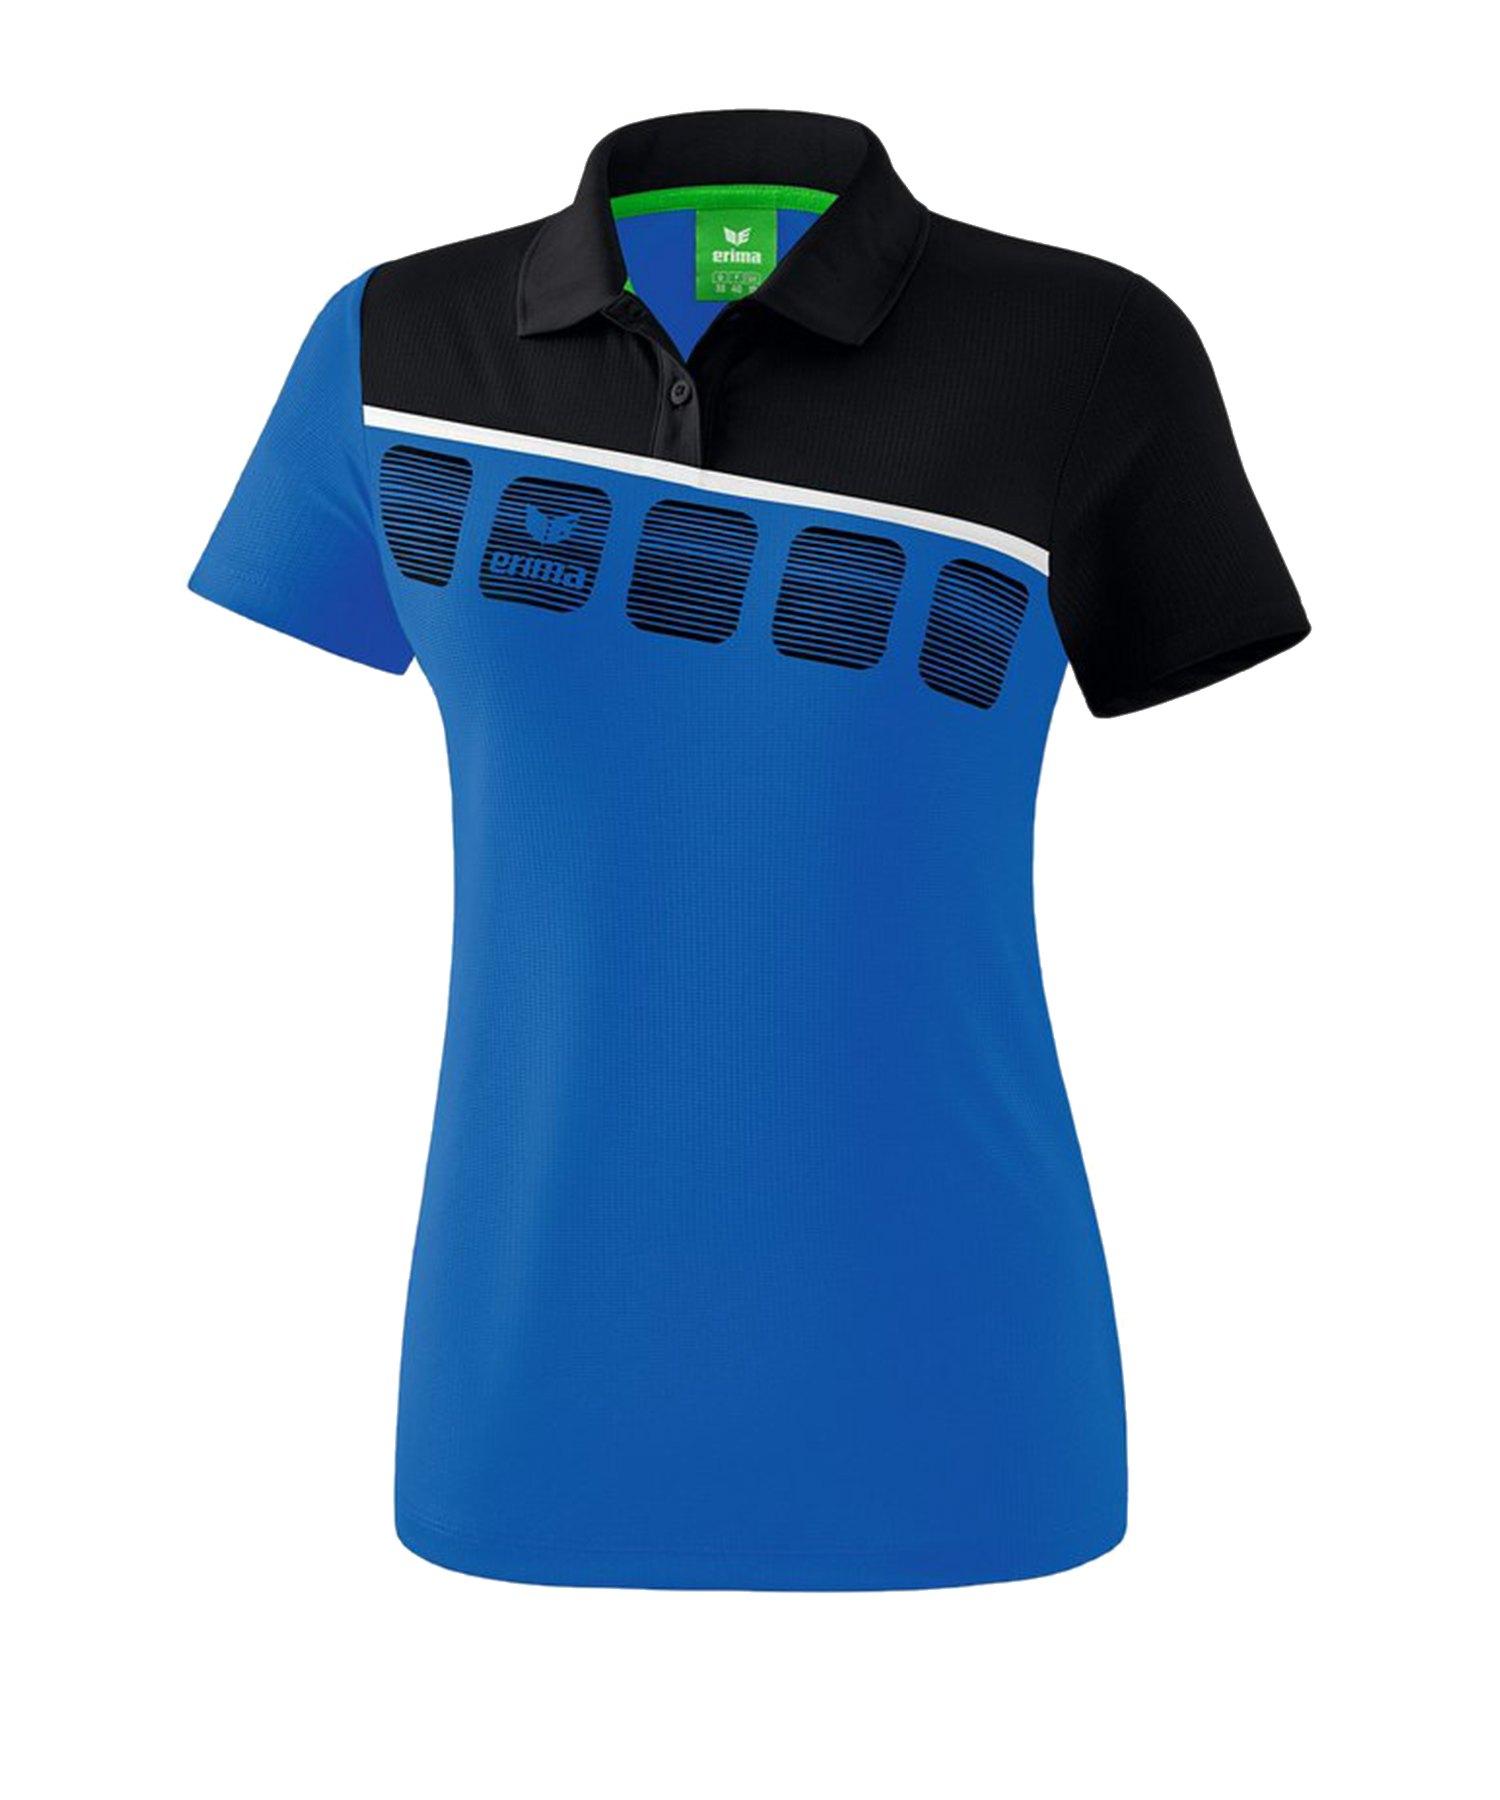 Erima 5-C Poloshirt Damen Blau Schwarz - Blau